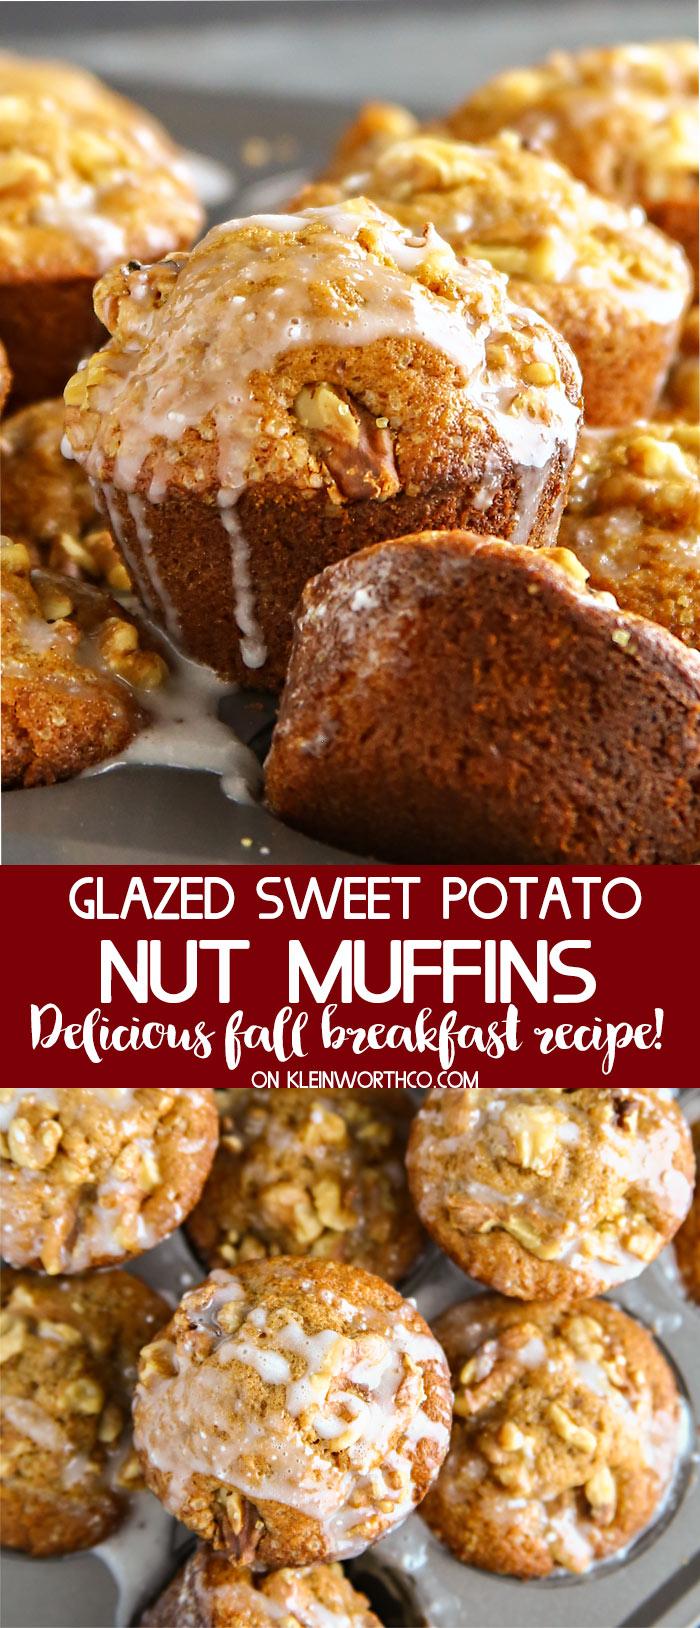 Glazed Sweet Potato Nut Muffins